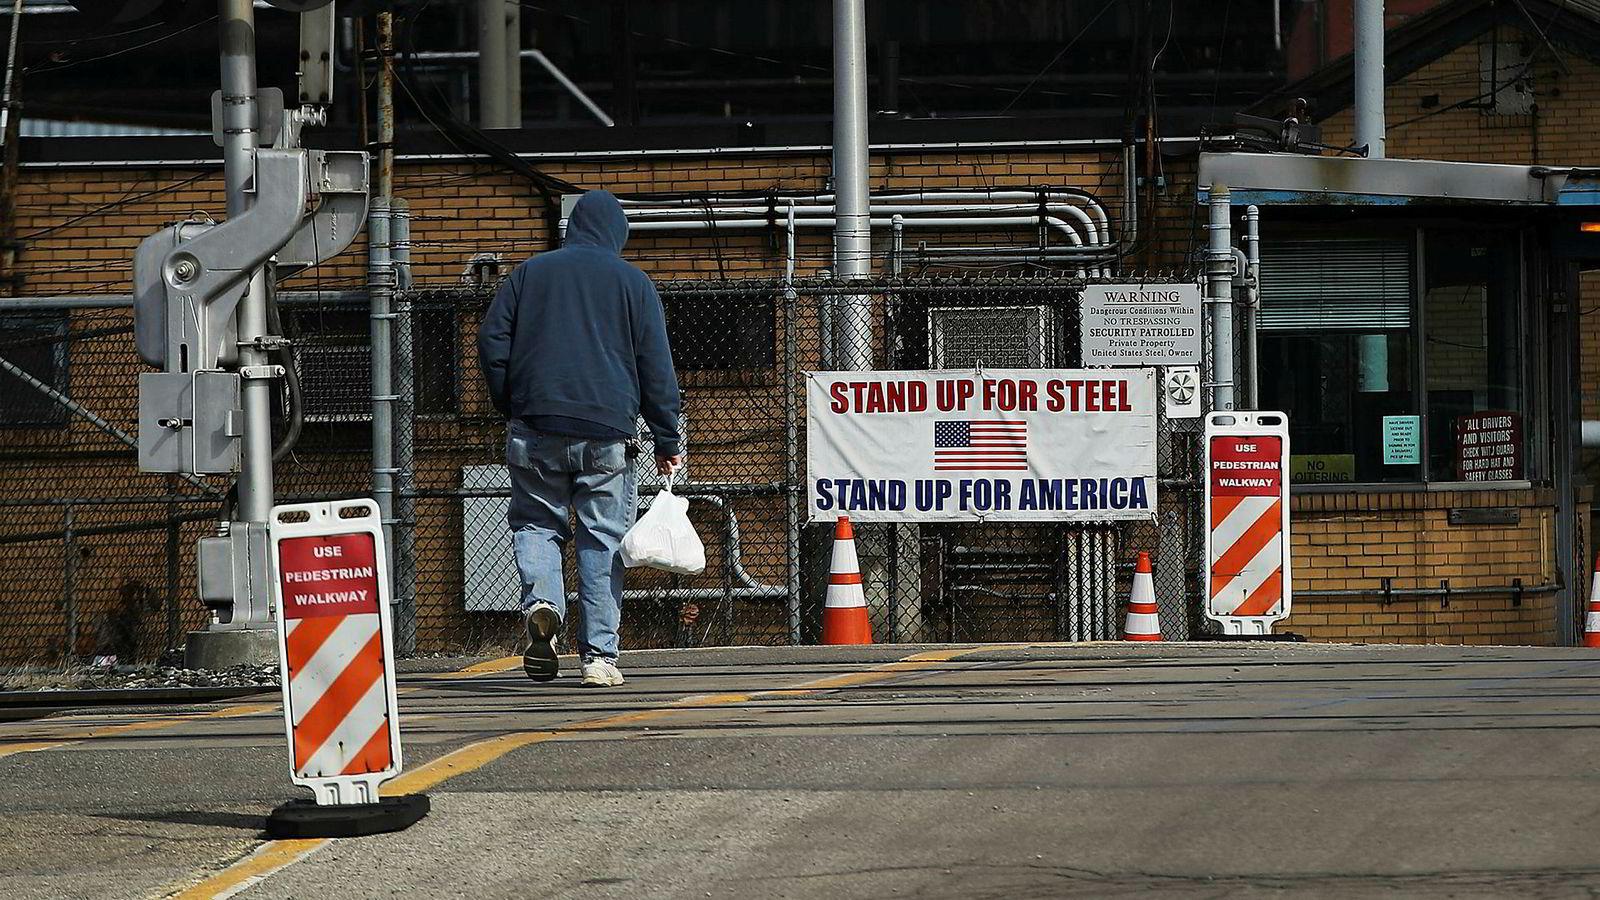 President Trump har en spesiell forkjærlighet for stålsektoren, på samme måte som han har gått langt for å beskytte de 50.000 som jobber i kullindustrien. Dette er lilleputt-næringer i amerikansk målestokk, men lilleputter med betydelig symbolverdi. Bildet er fra Clairton, Pennsylvania.